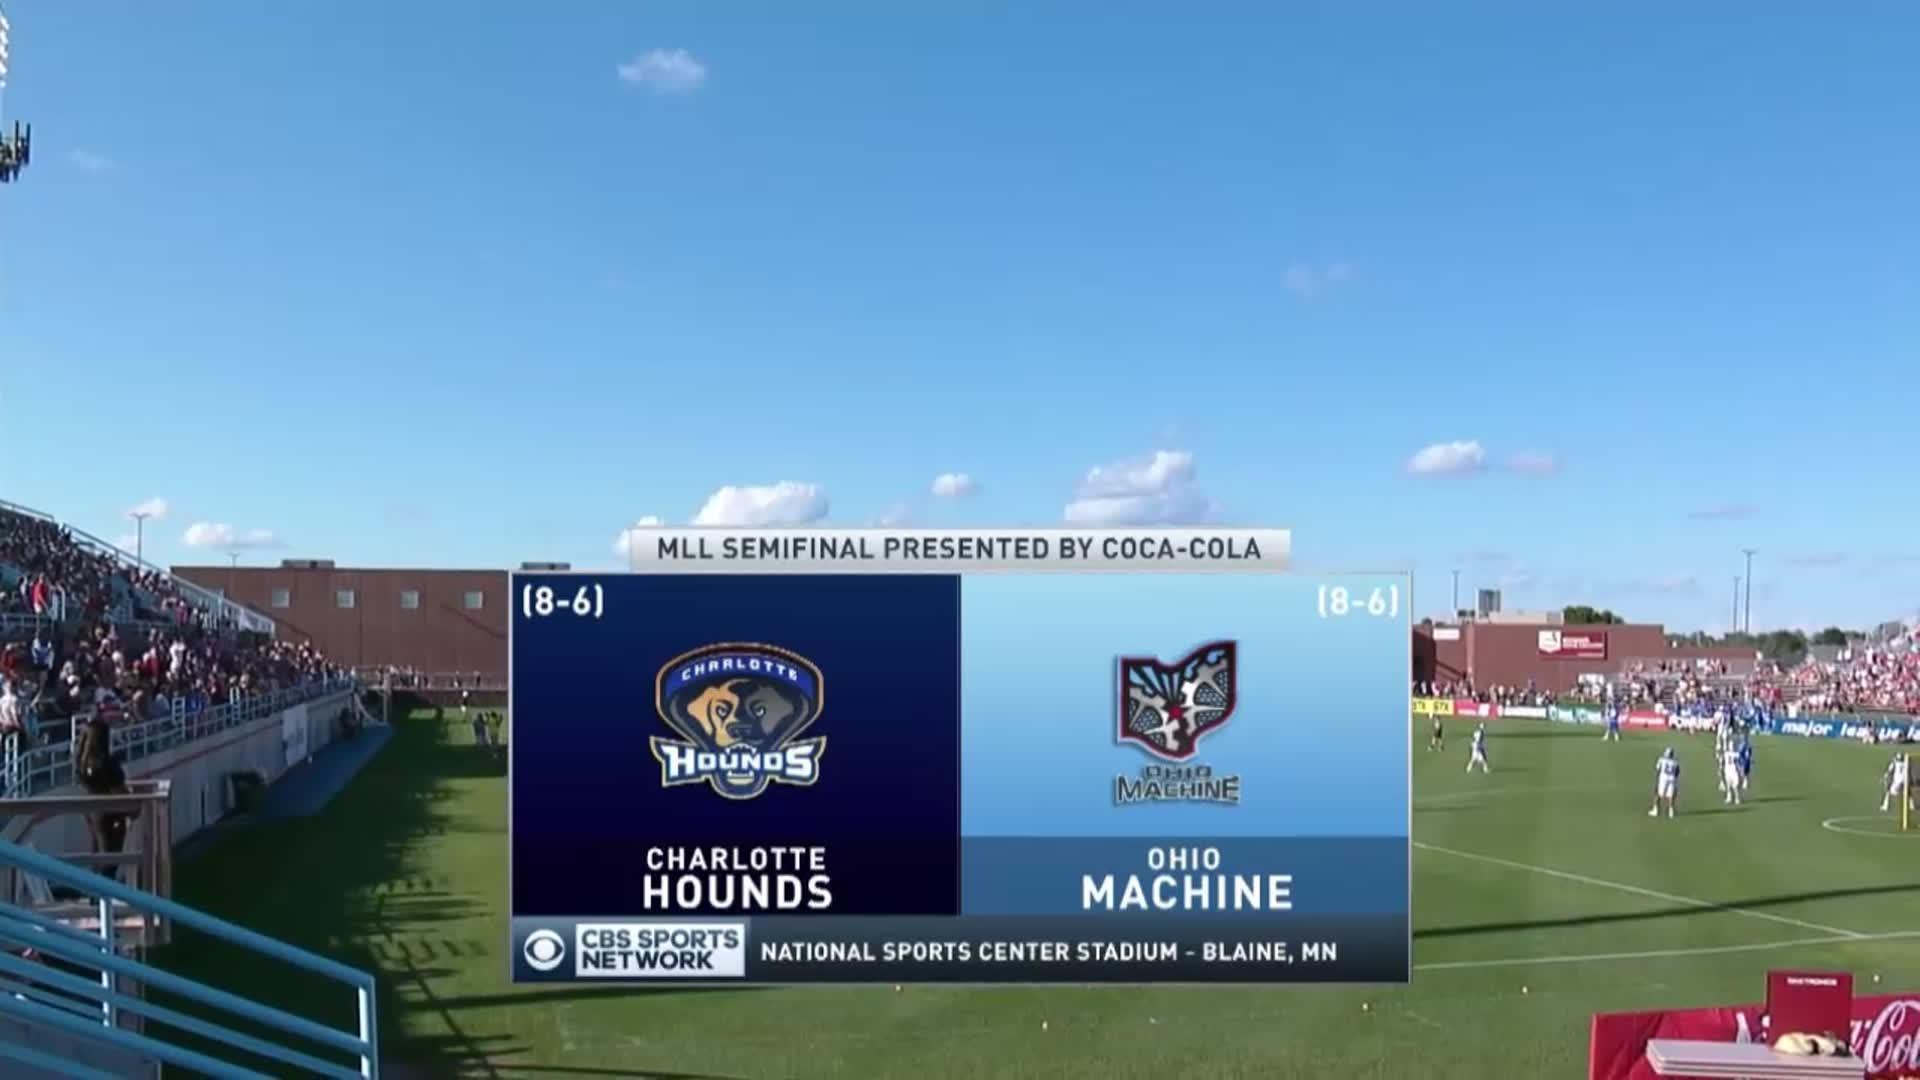 2016 MLL Semi-Final: Charlotte Hounds vs Ohio Machine